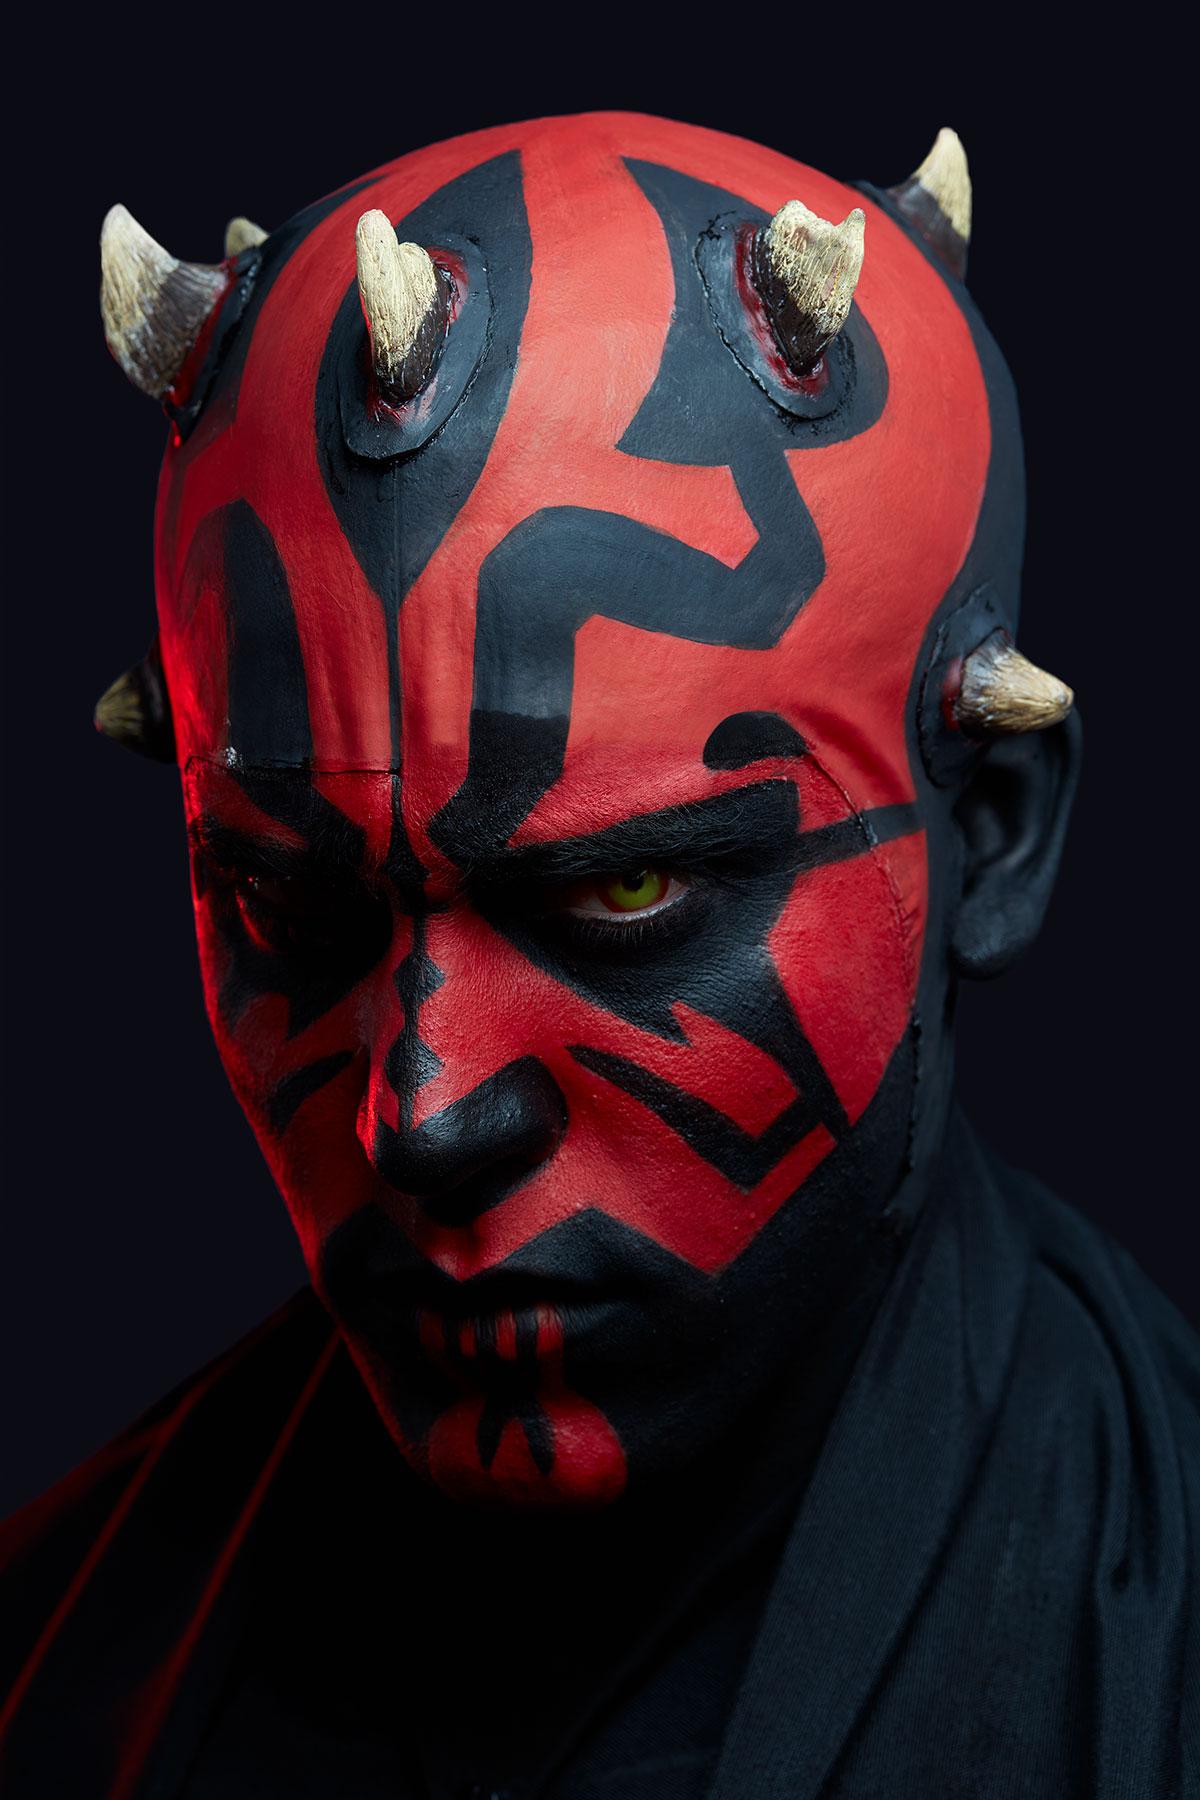 Arthur Sayanoff Darth Maul Star Wars 08 02